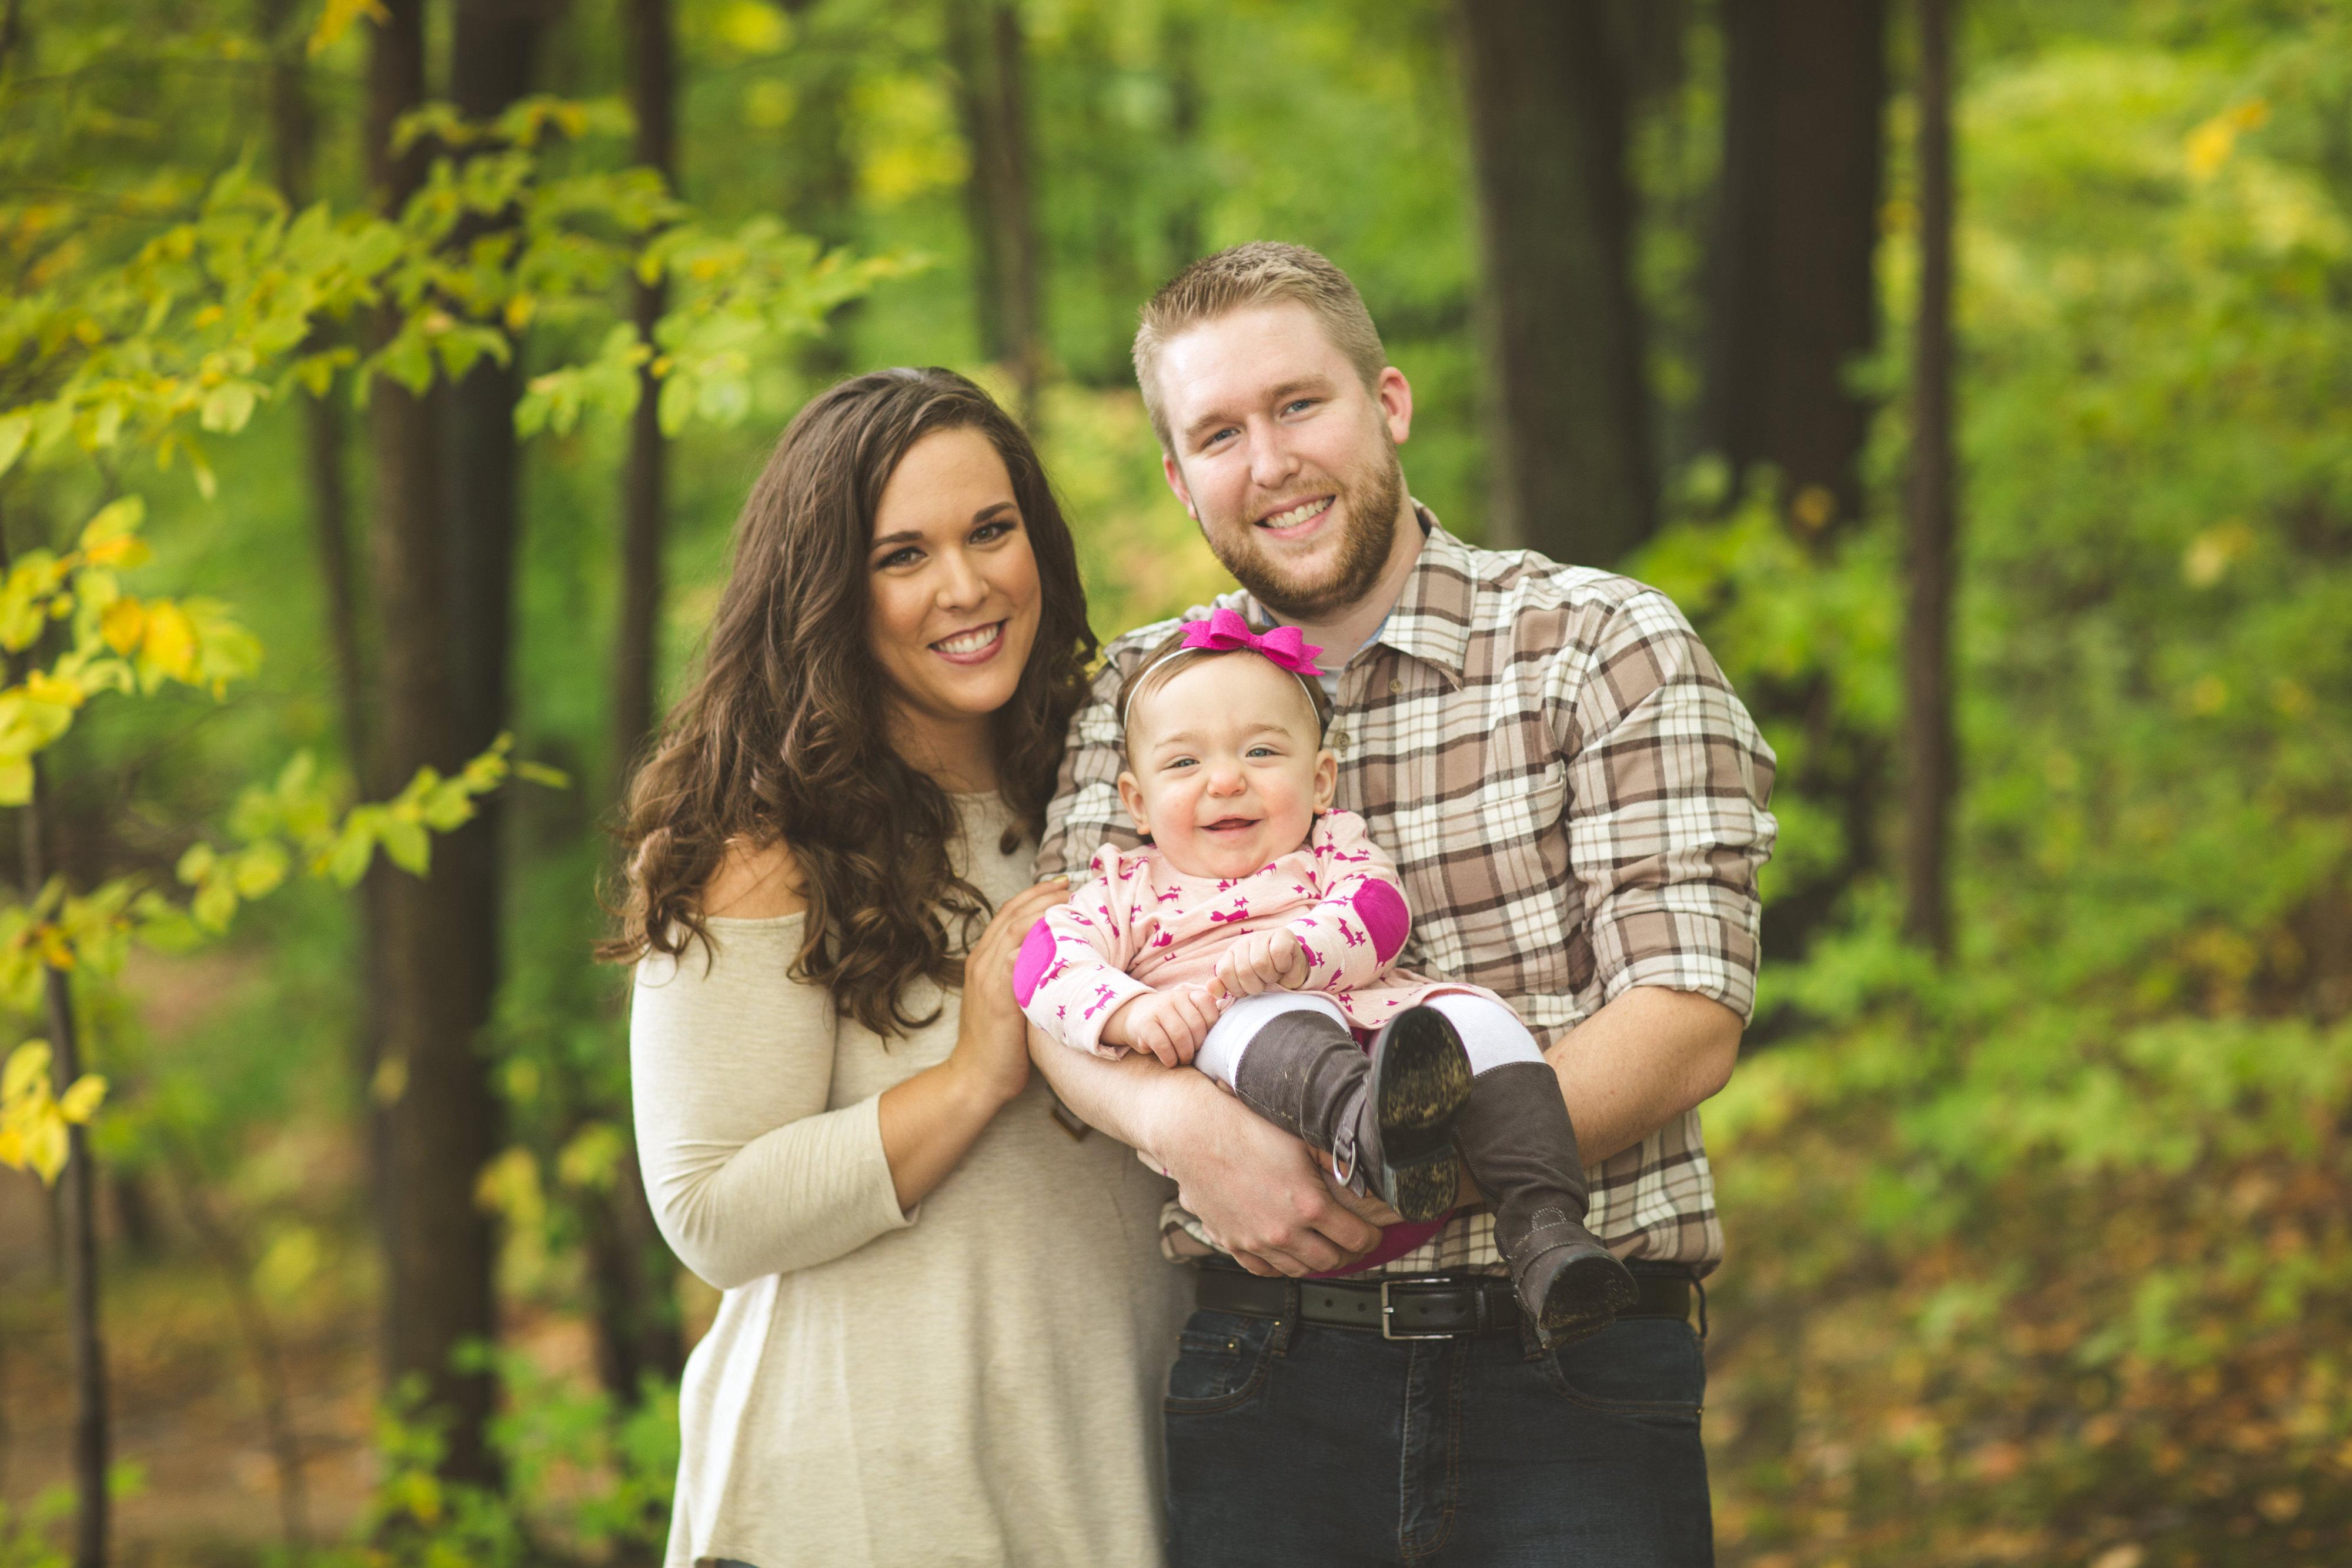 View More: http://jasonswitzerphotography.pass.us/preglerfamily2016